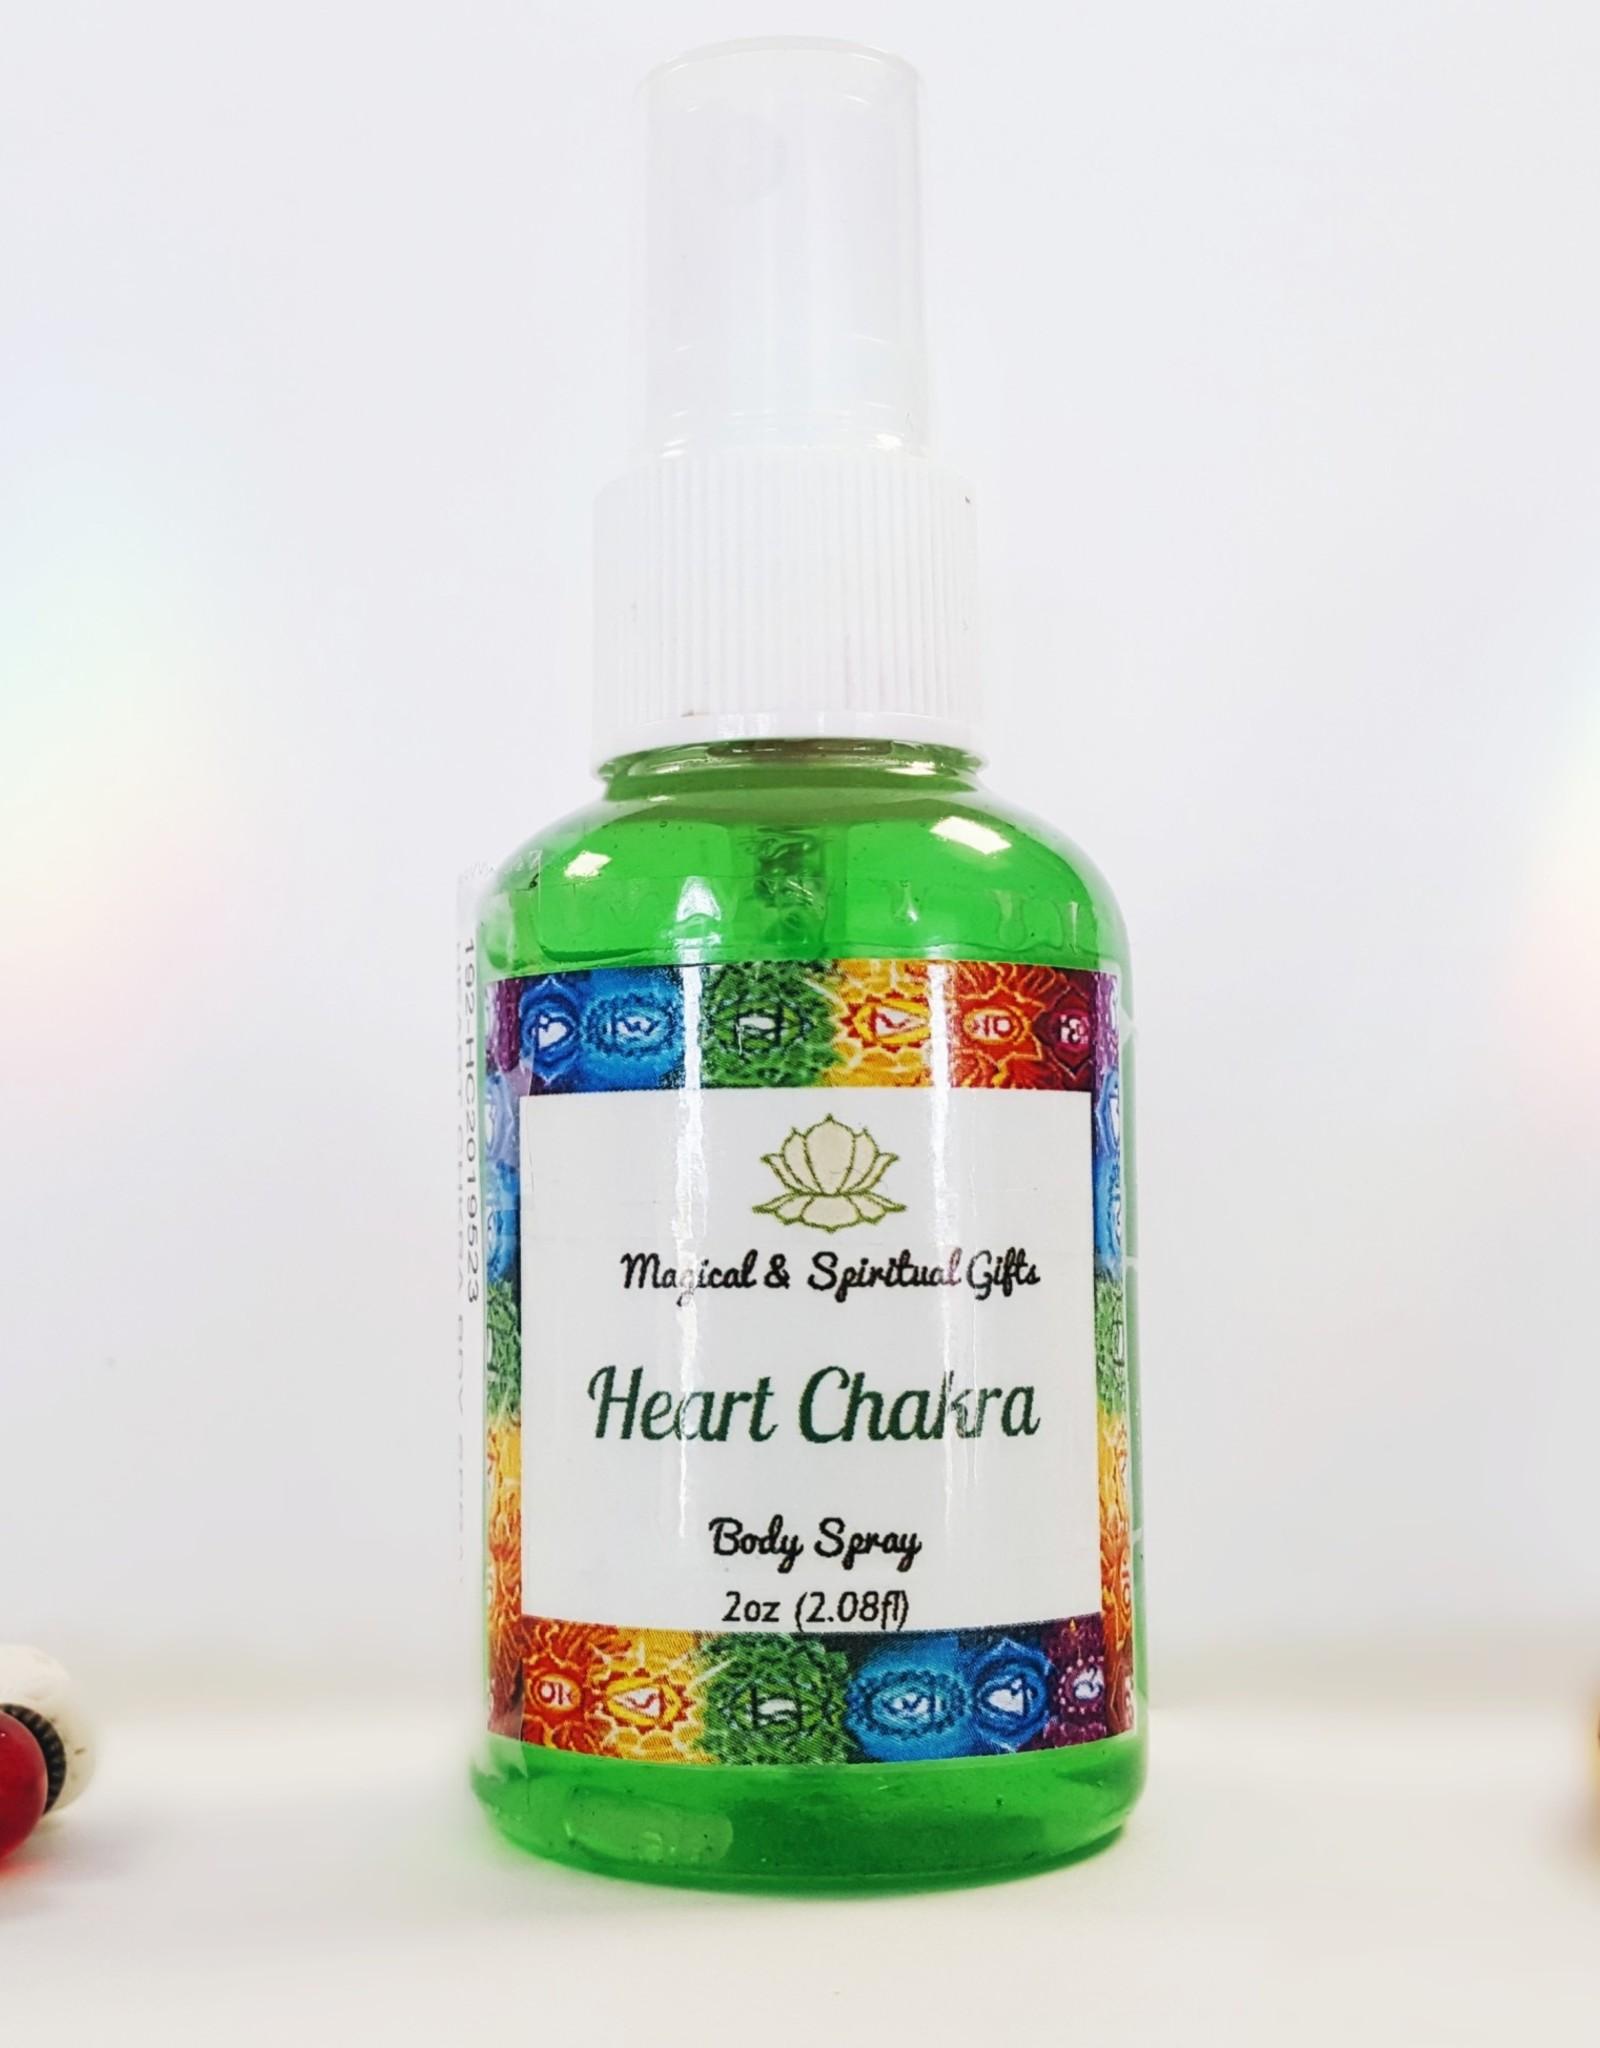 Heart Chakra- Body Spray